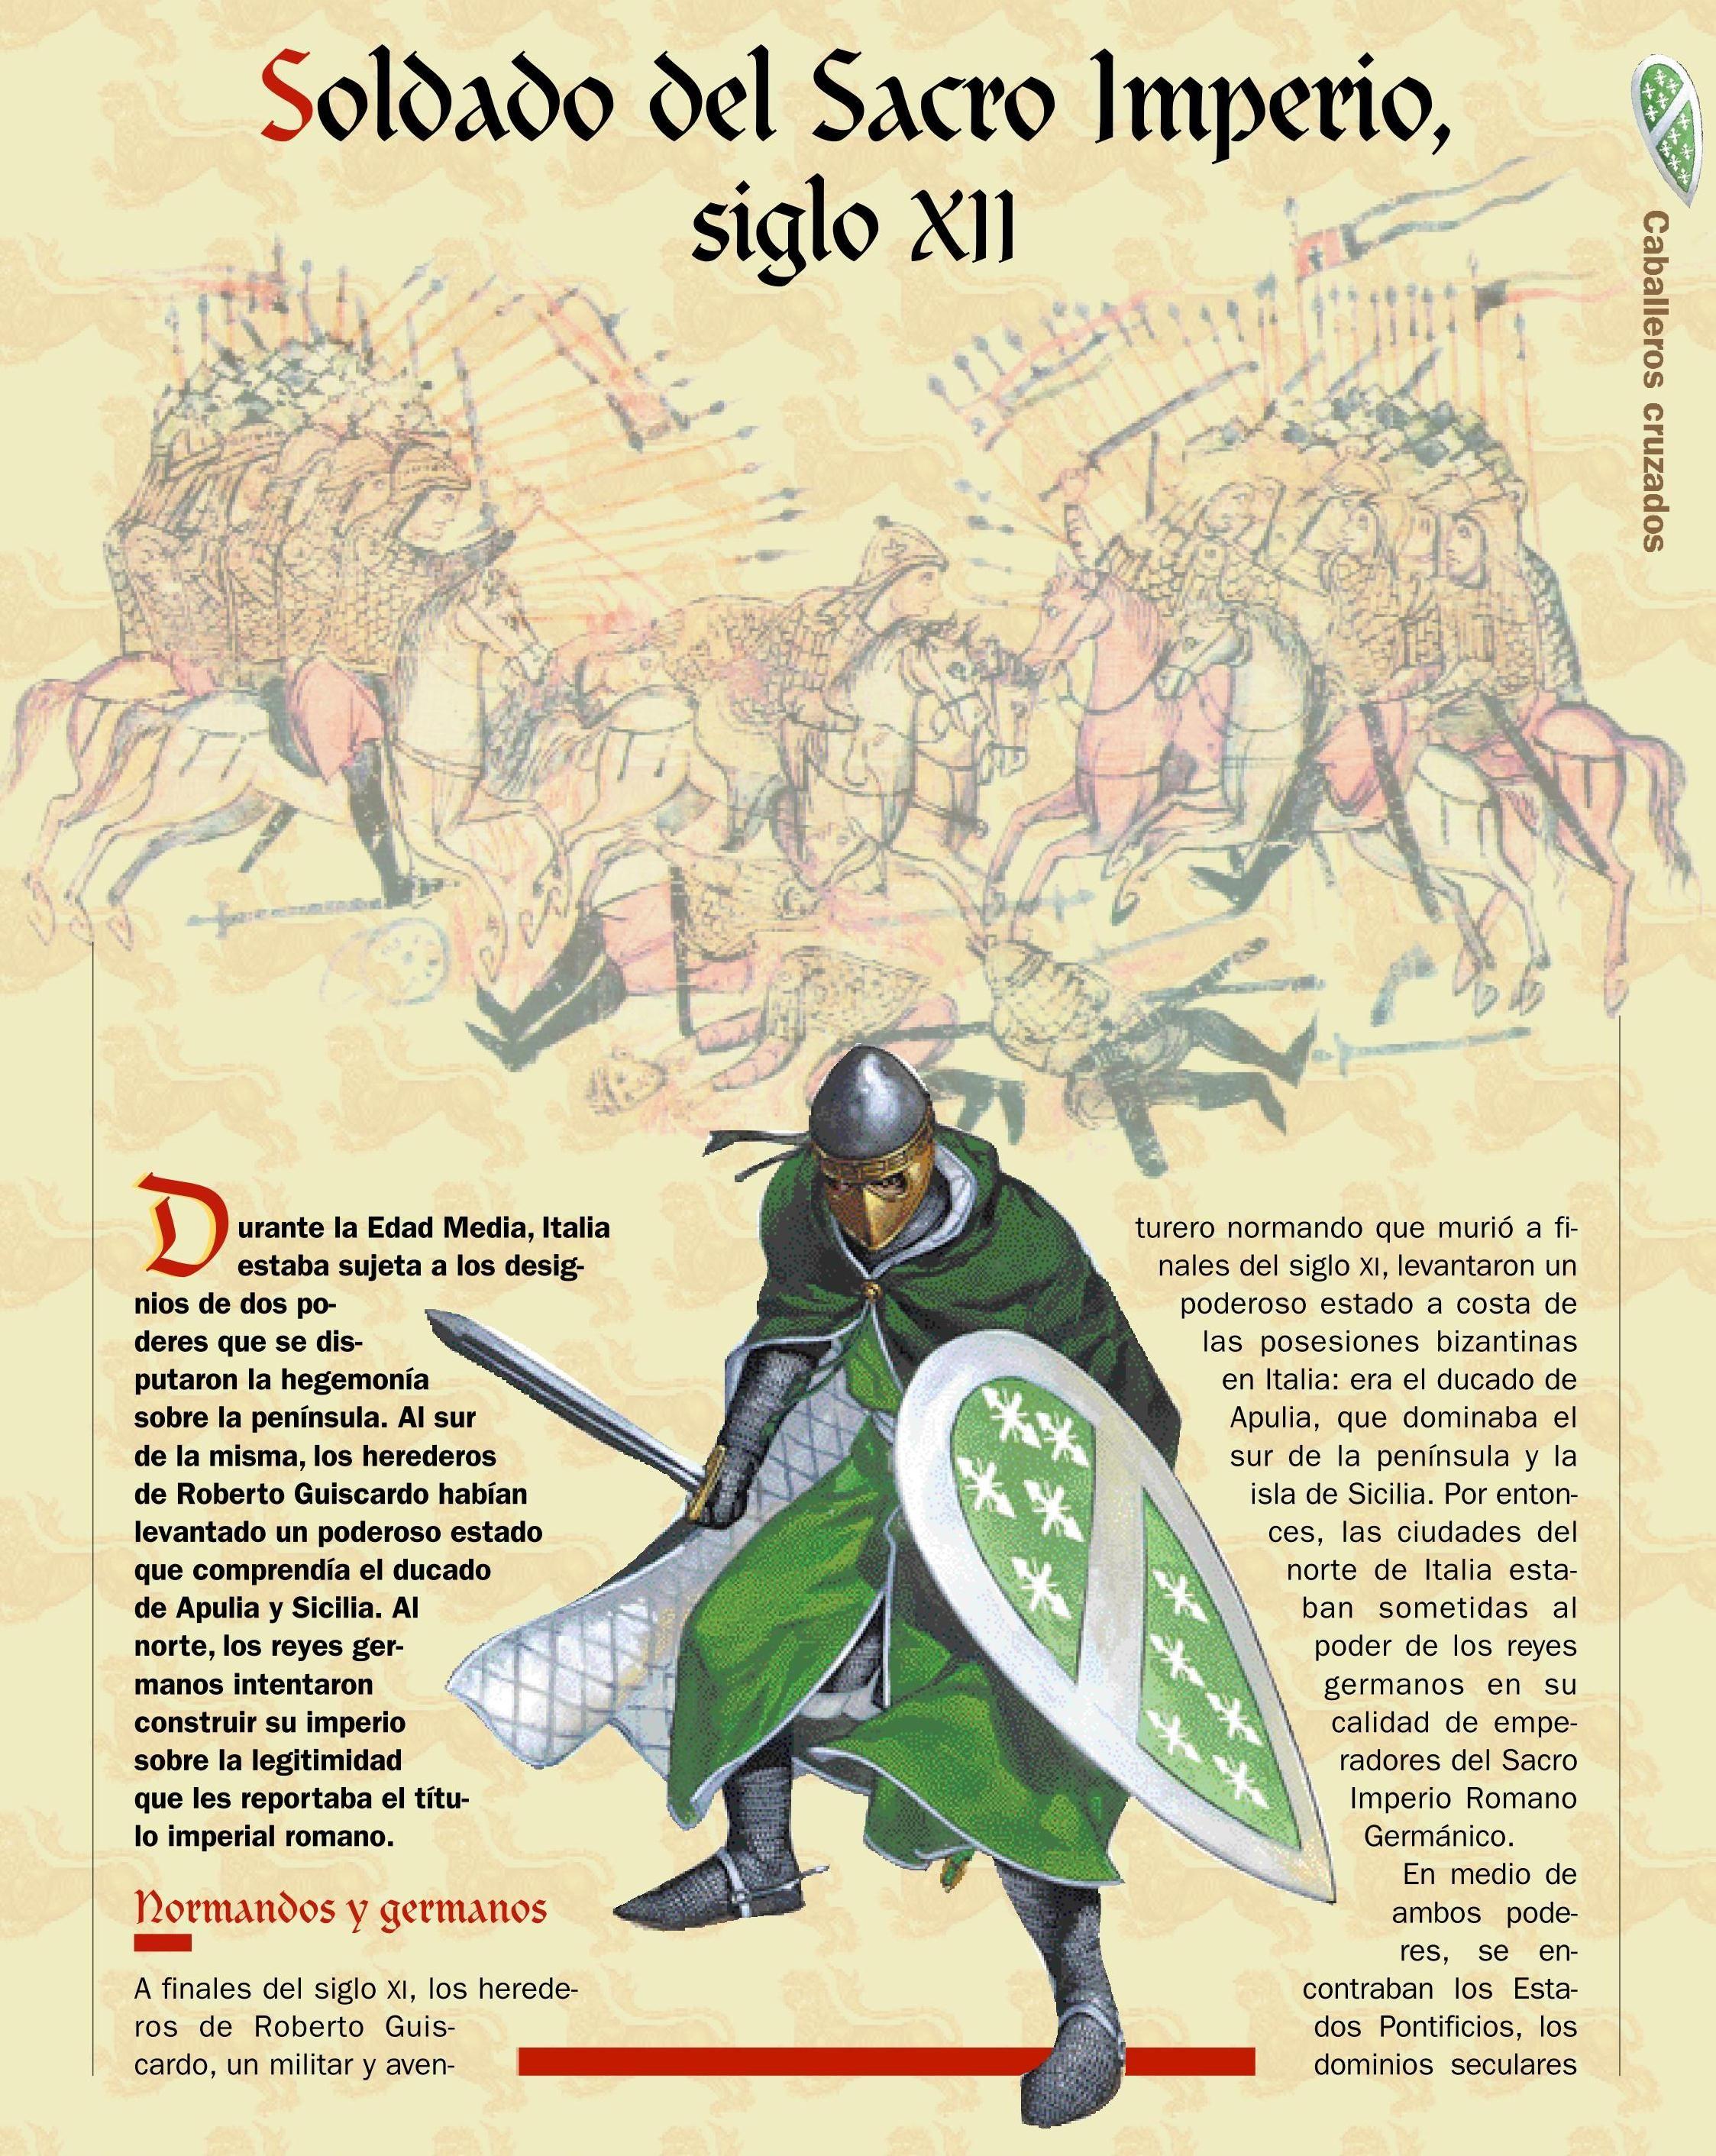 Soldado del Sacro Imperio (XII)